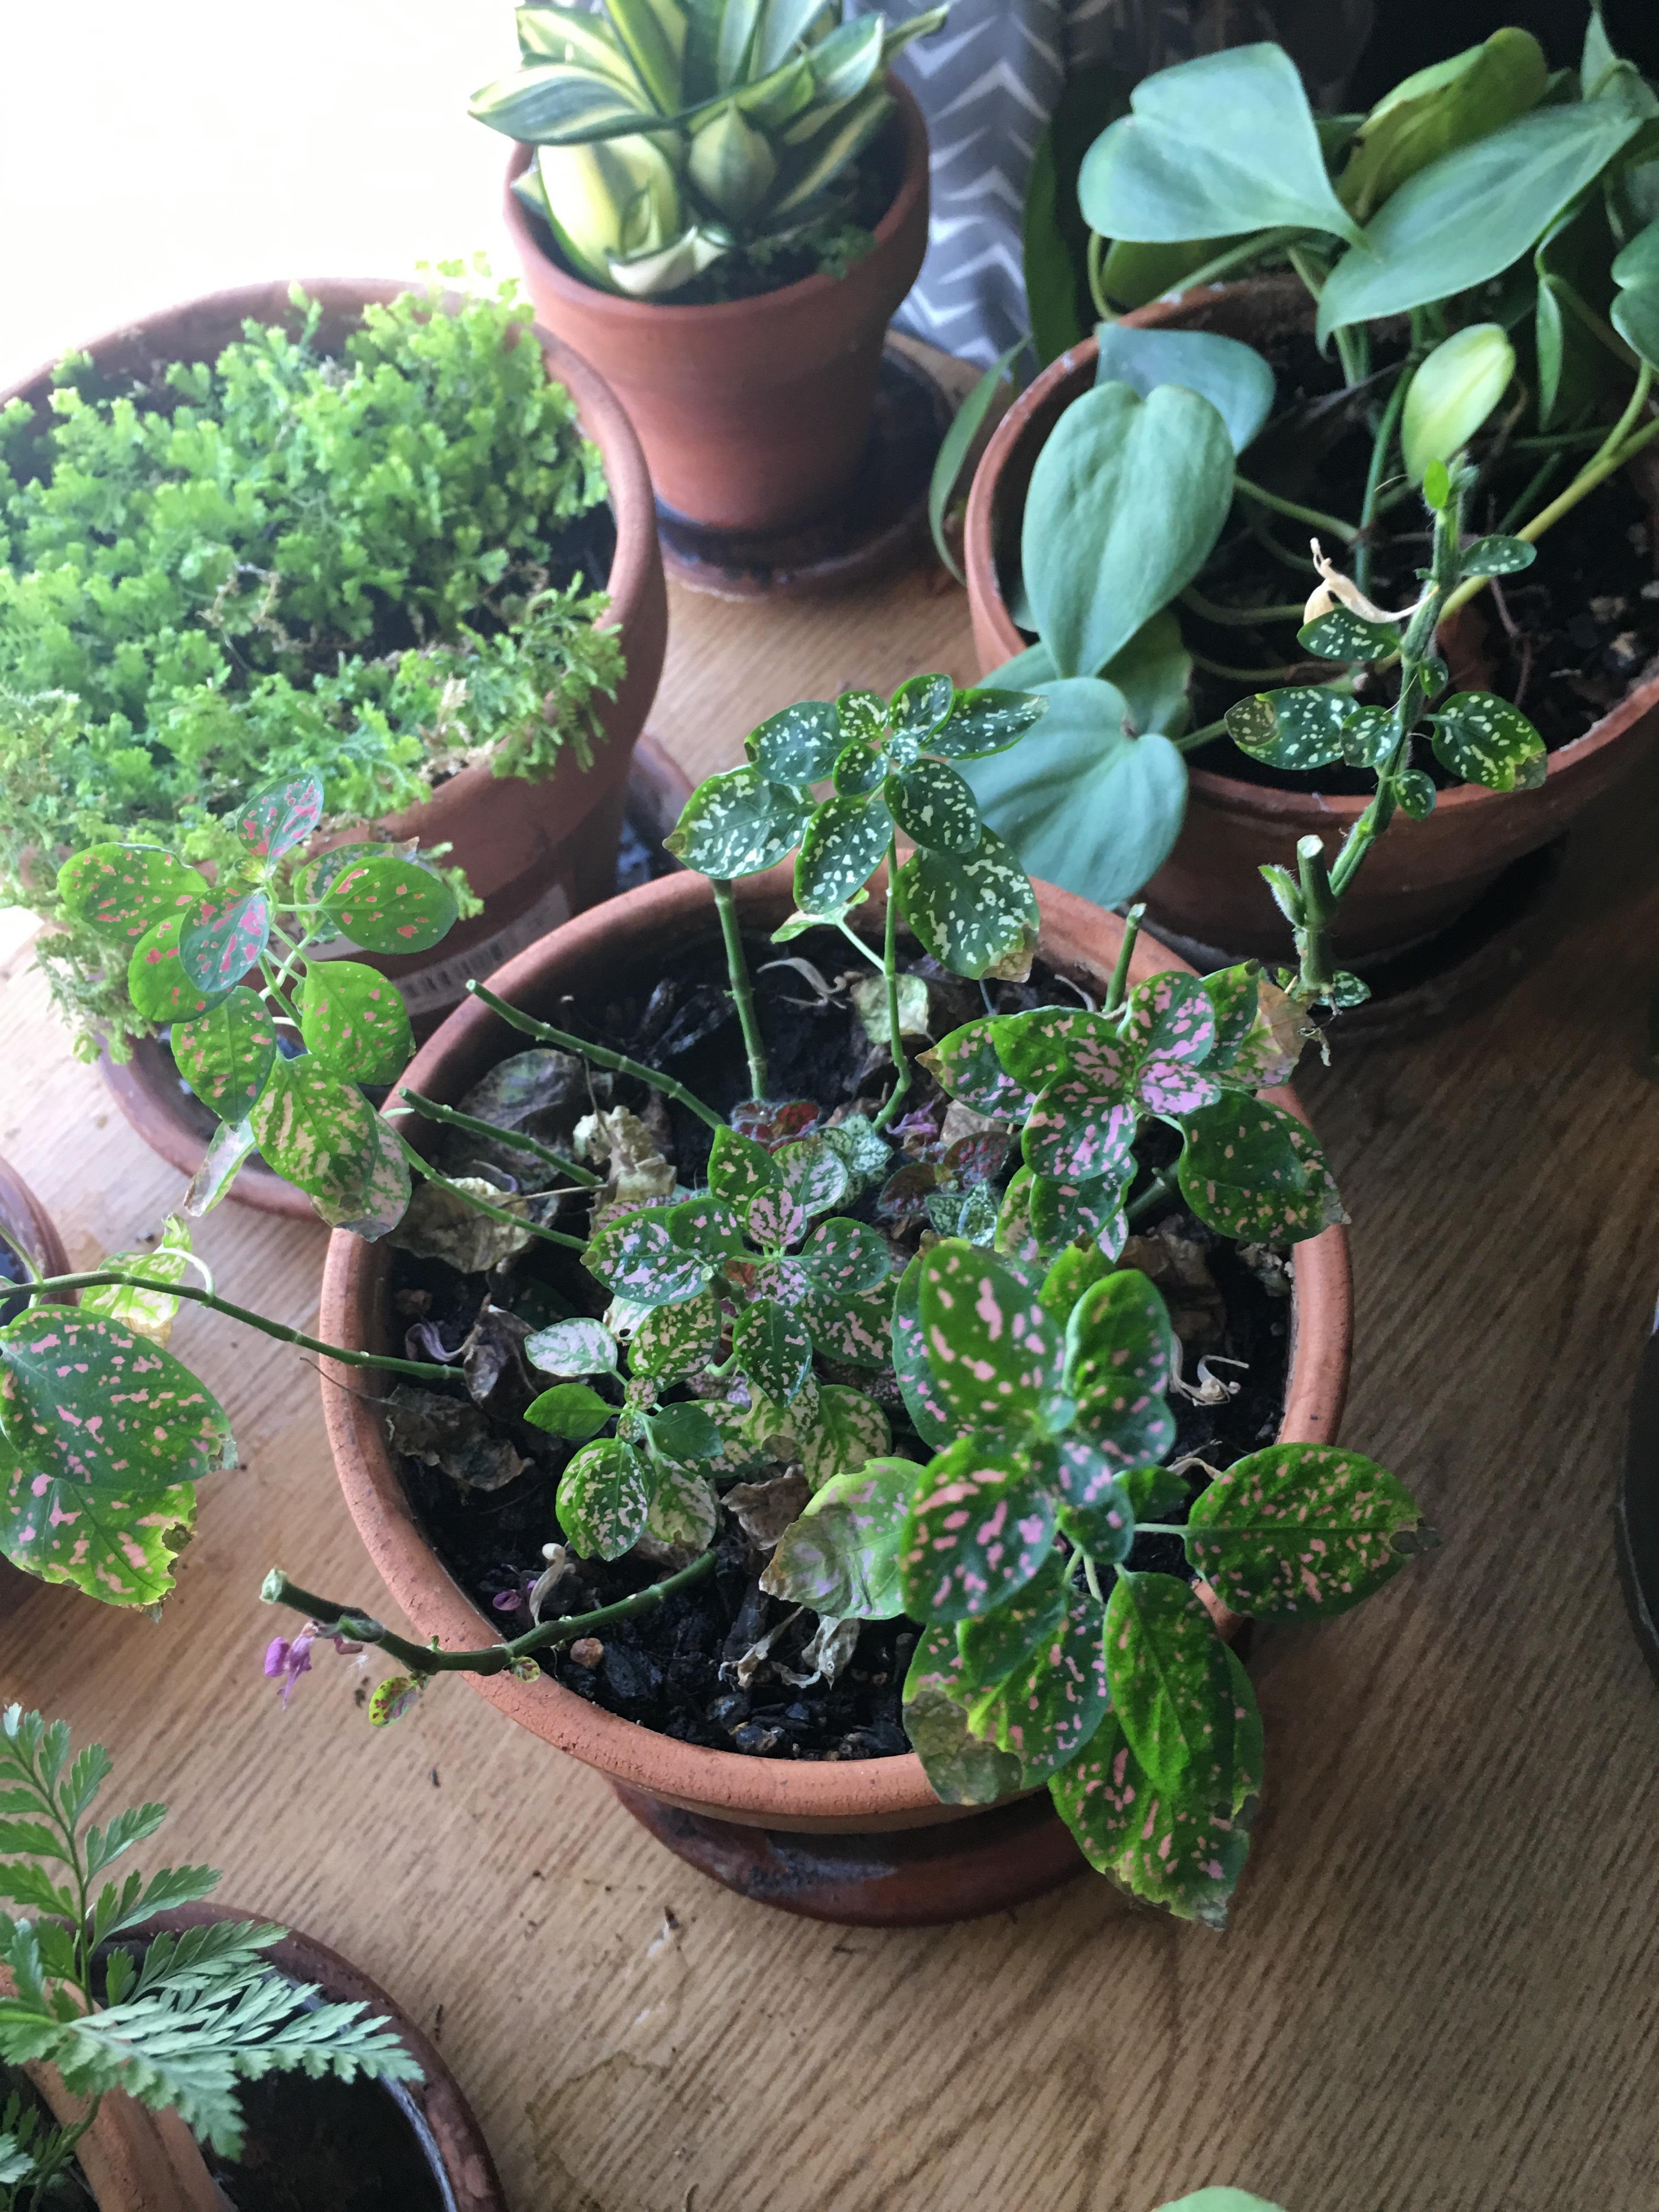 Polka Dot Plant, trimmed